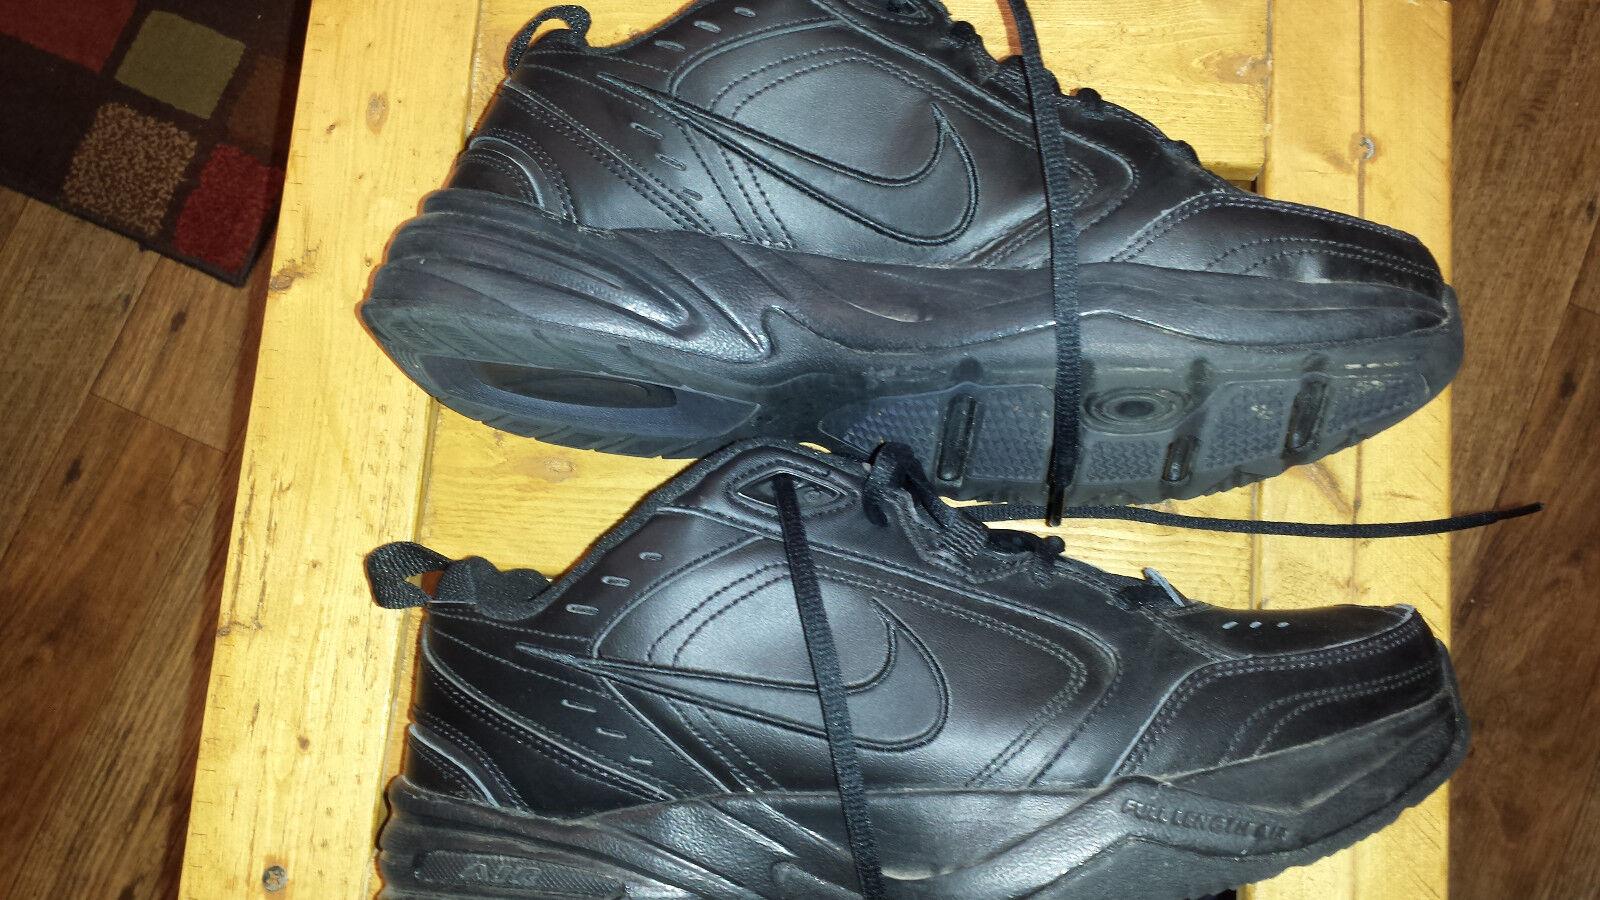 Air hombres Monarch zapatos corrientes de los hombres Air de negro talla 10 5d94c2